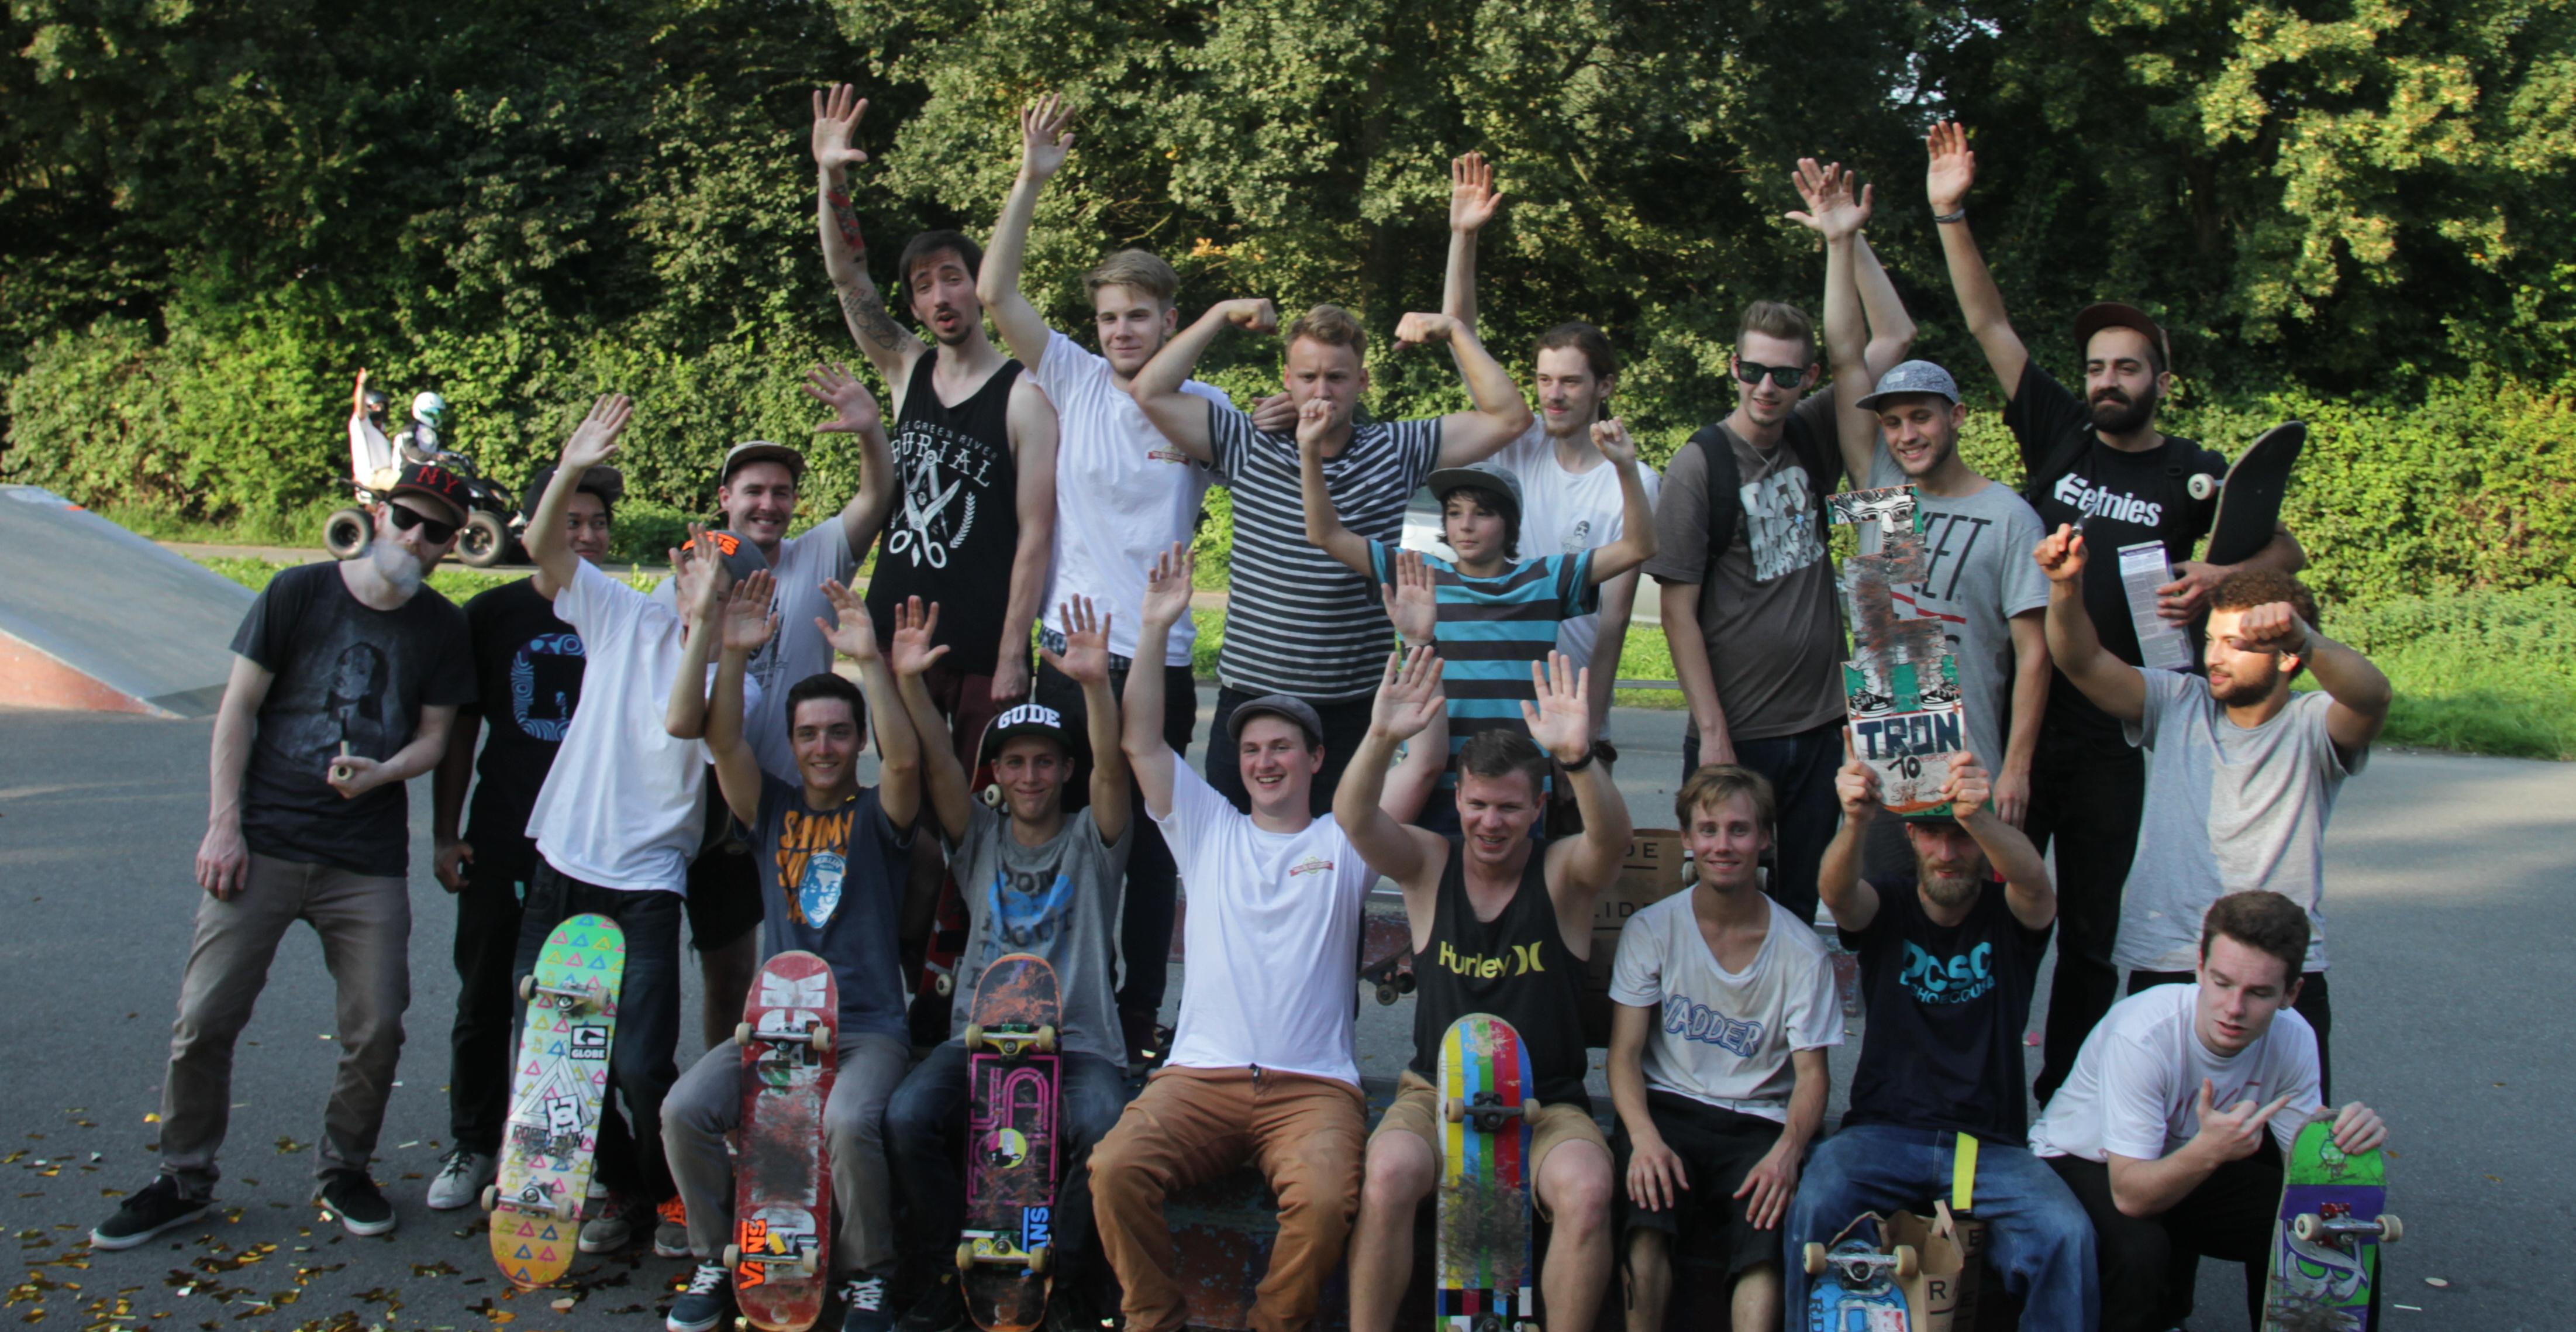 Gruppenfoto 10. Goller Skatecontest